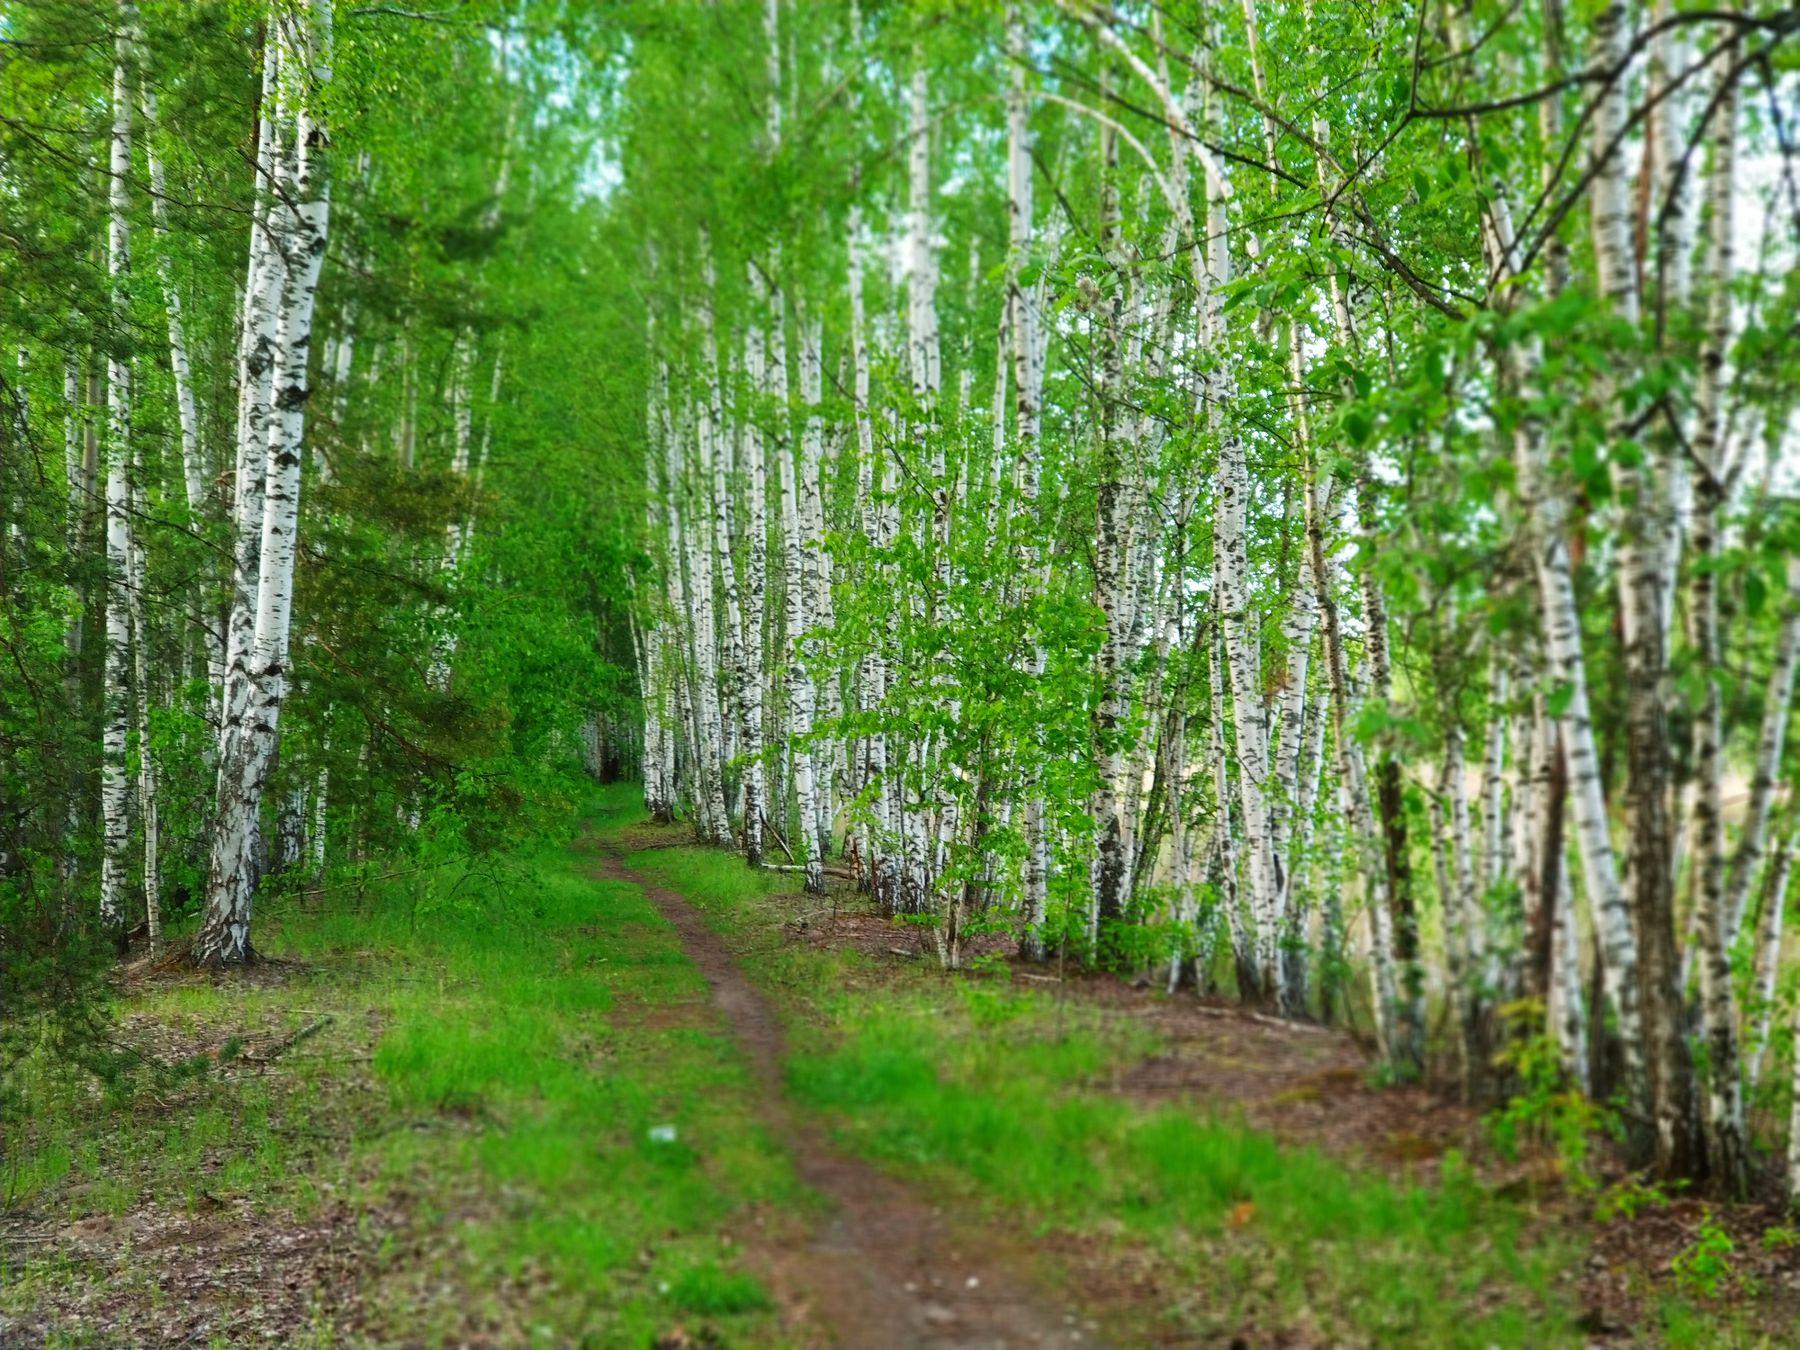 Березки Природа лес лето мобильное